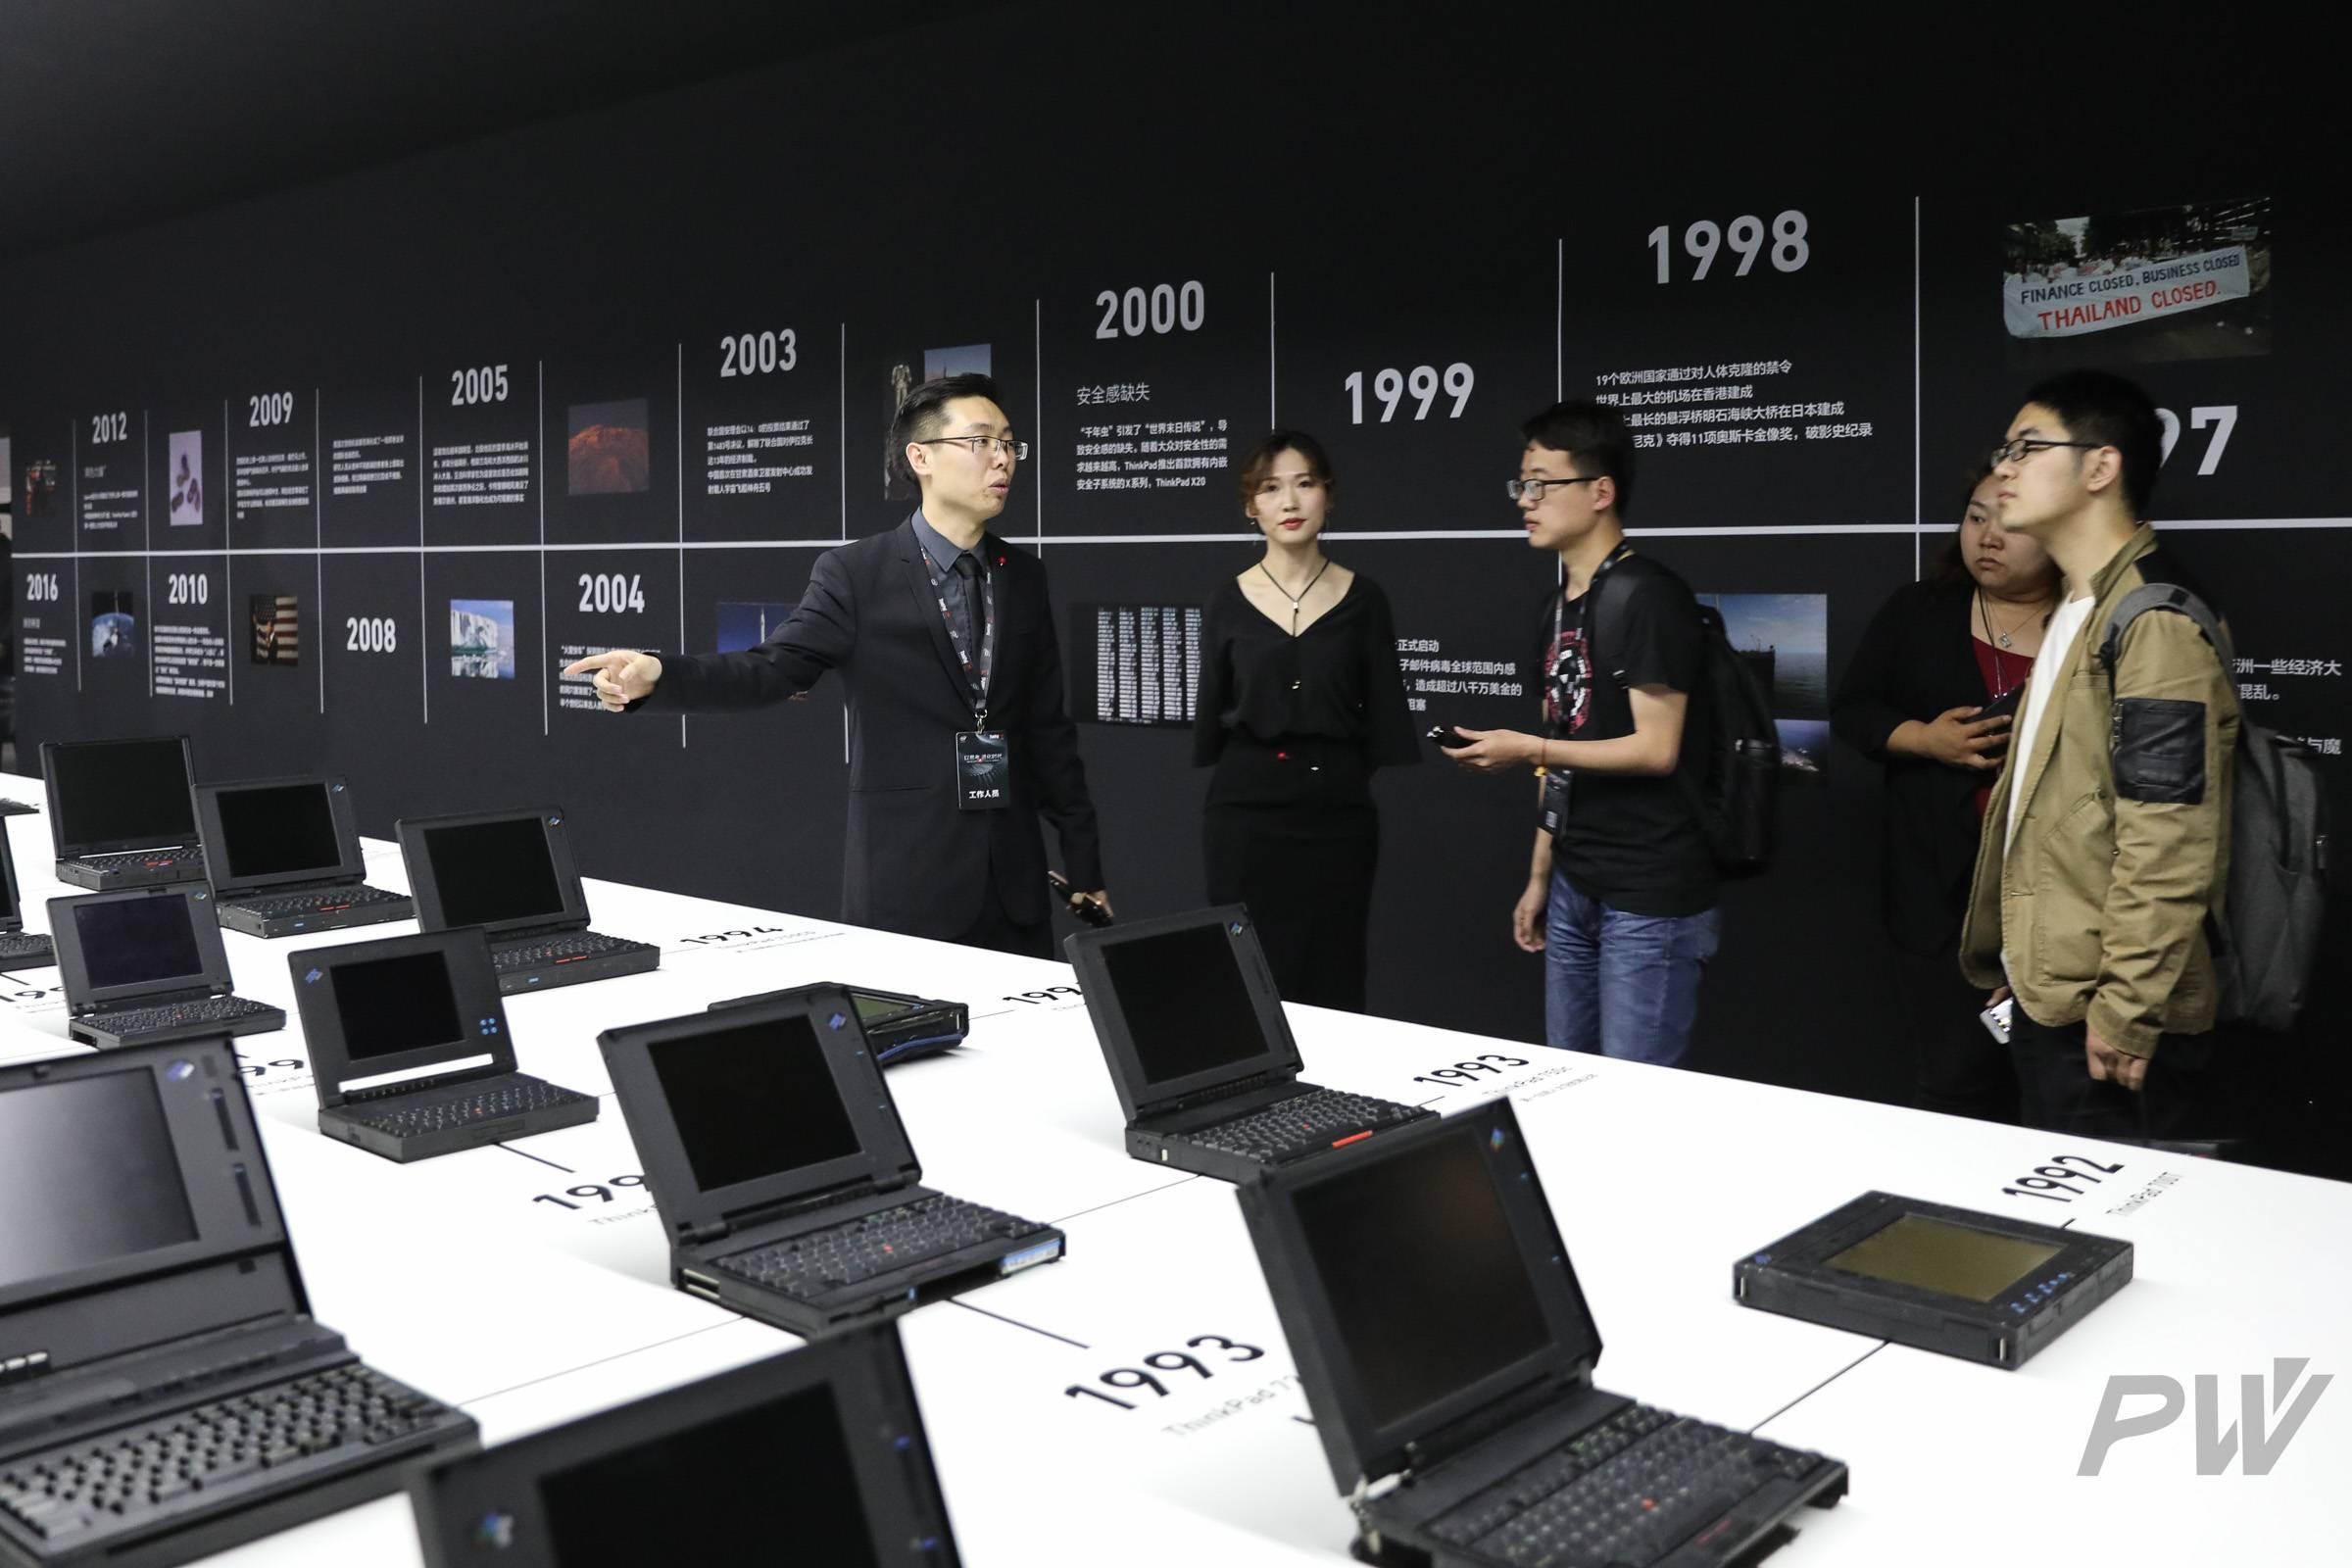 王照宇在介绍展览区的经典机型。他是ThinkPad粉丝,收藏有110台历年经典机型,同时现在也称为ThinkPad的一名员工。